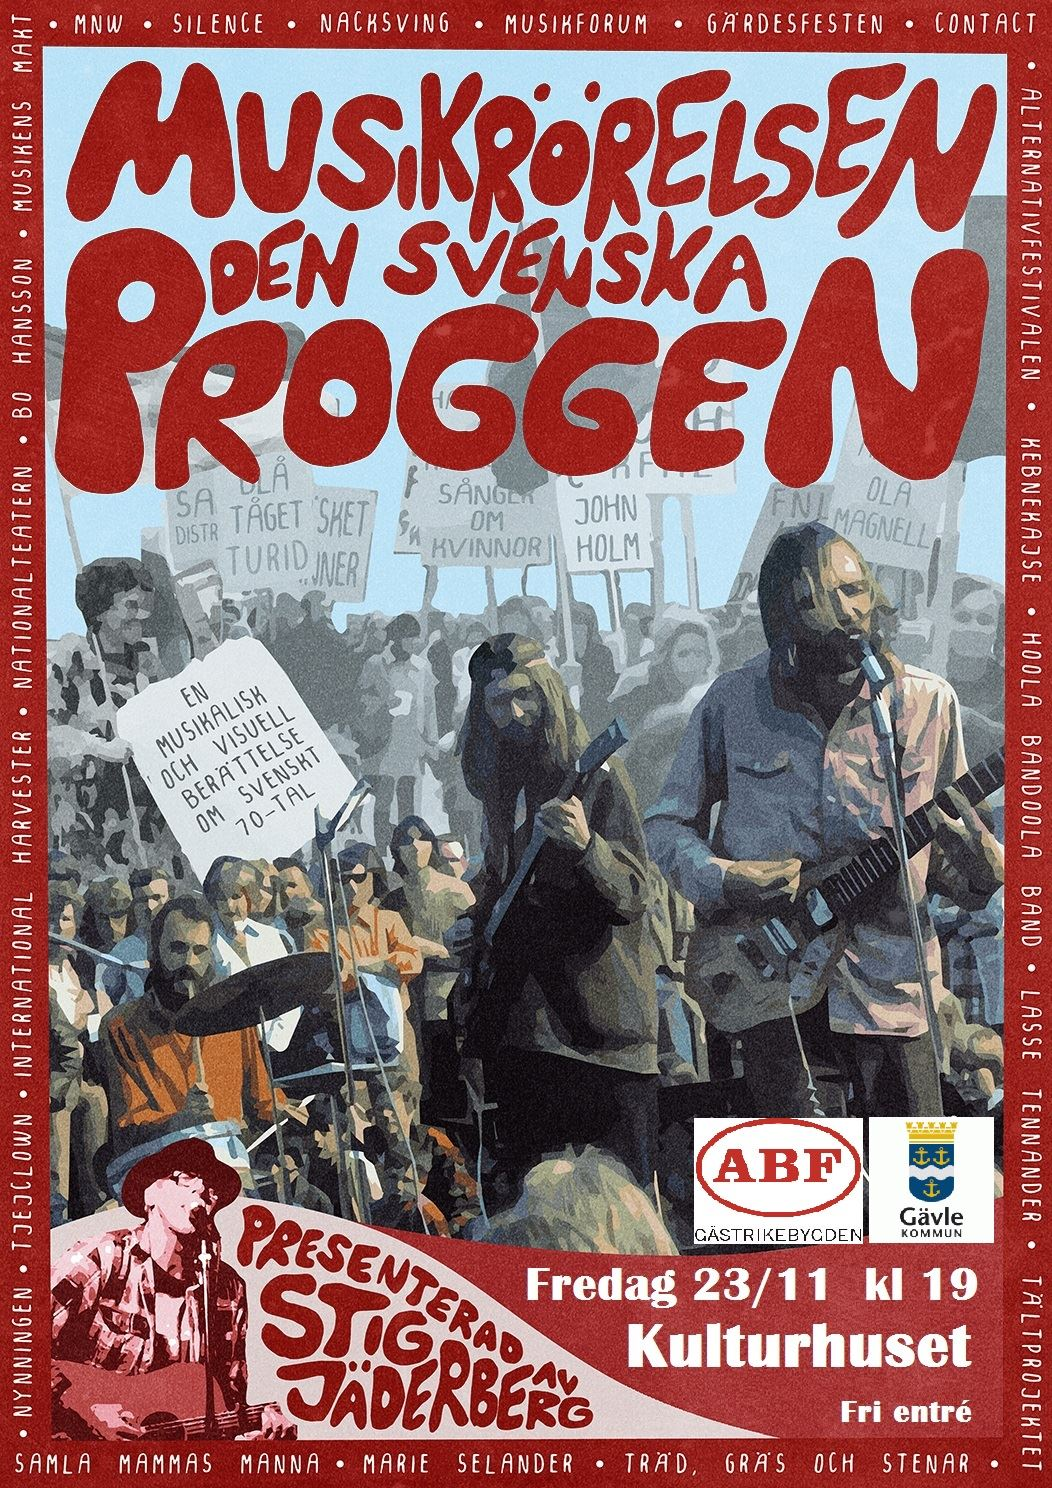 Musikrörelsen - Den Svenska Proggen